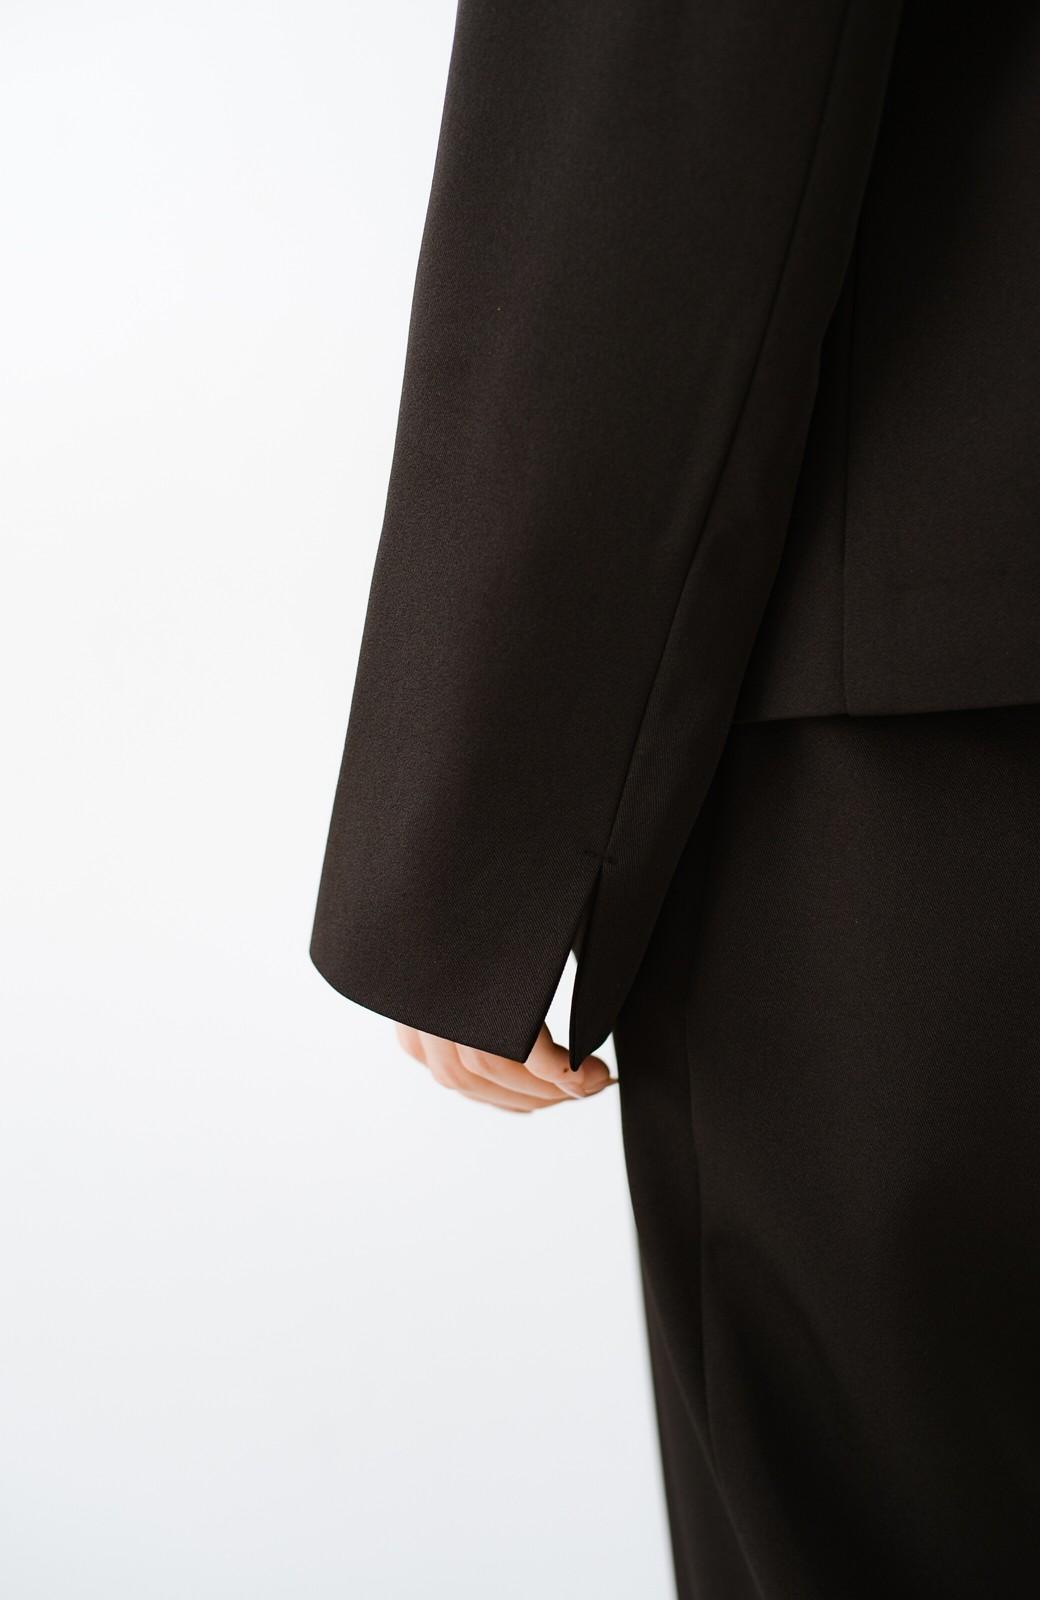 haco! いざというとき困らないための 大人のきれいめノーカラージャケット by que made me(裏地付き) <ブラック>の商品写真5